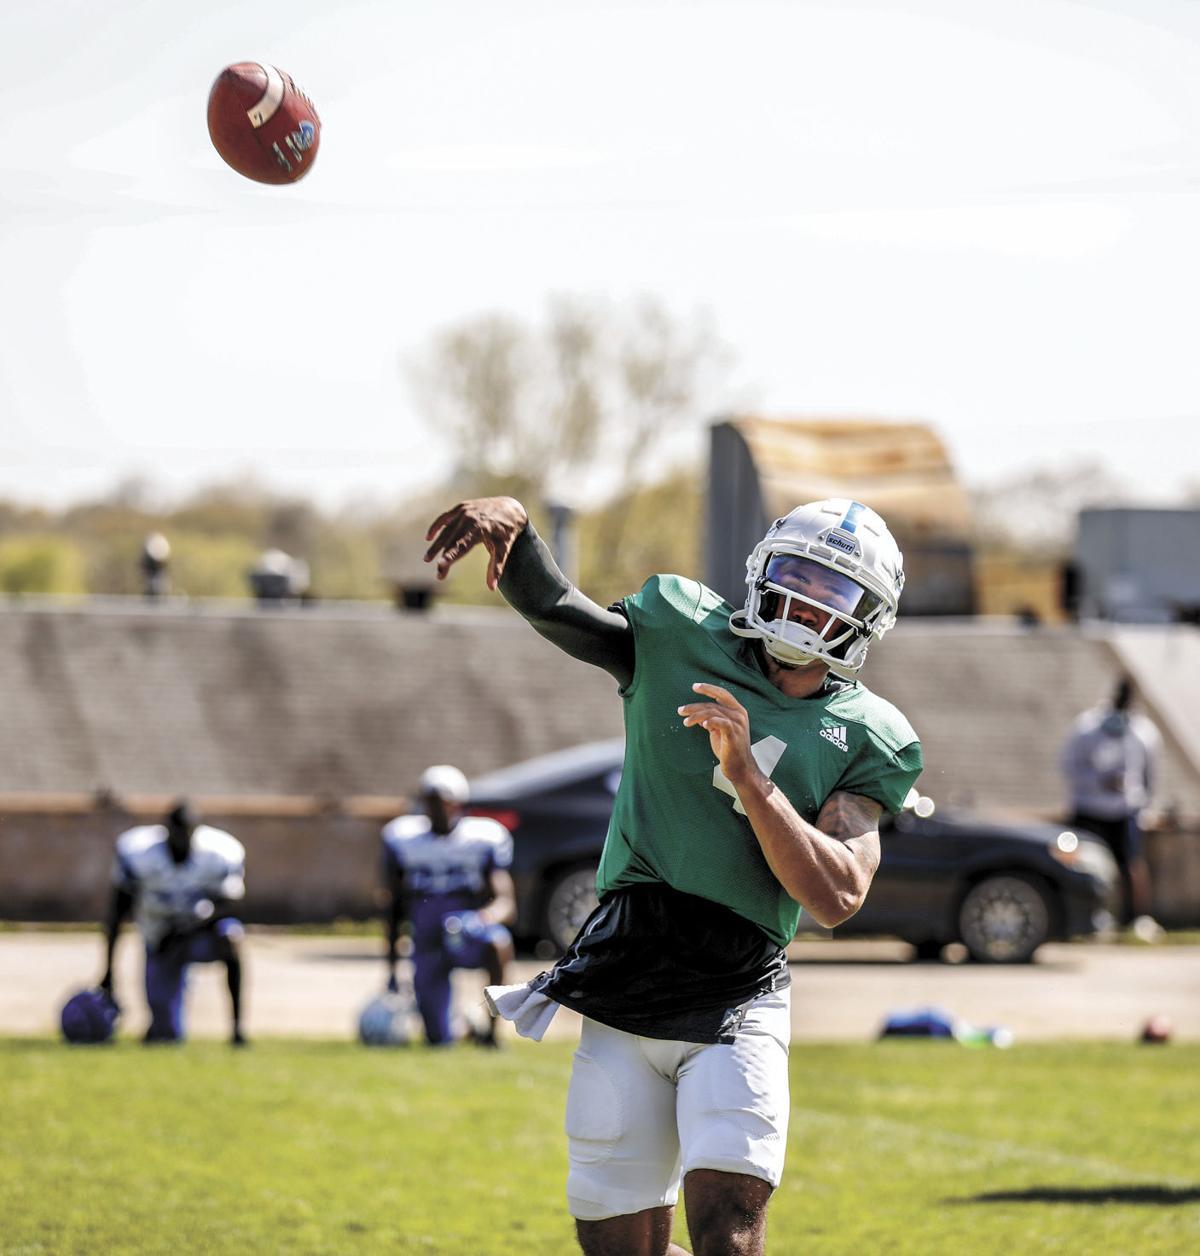 Blinn College quarterback Chandler Rogers